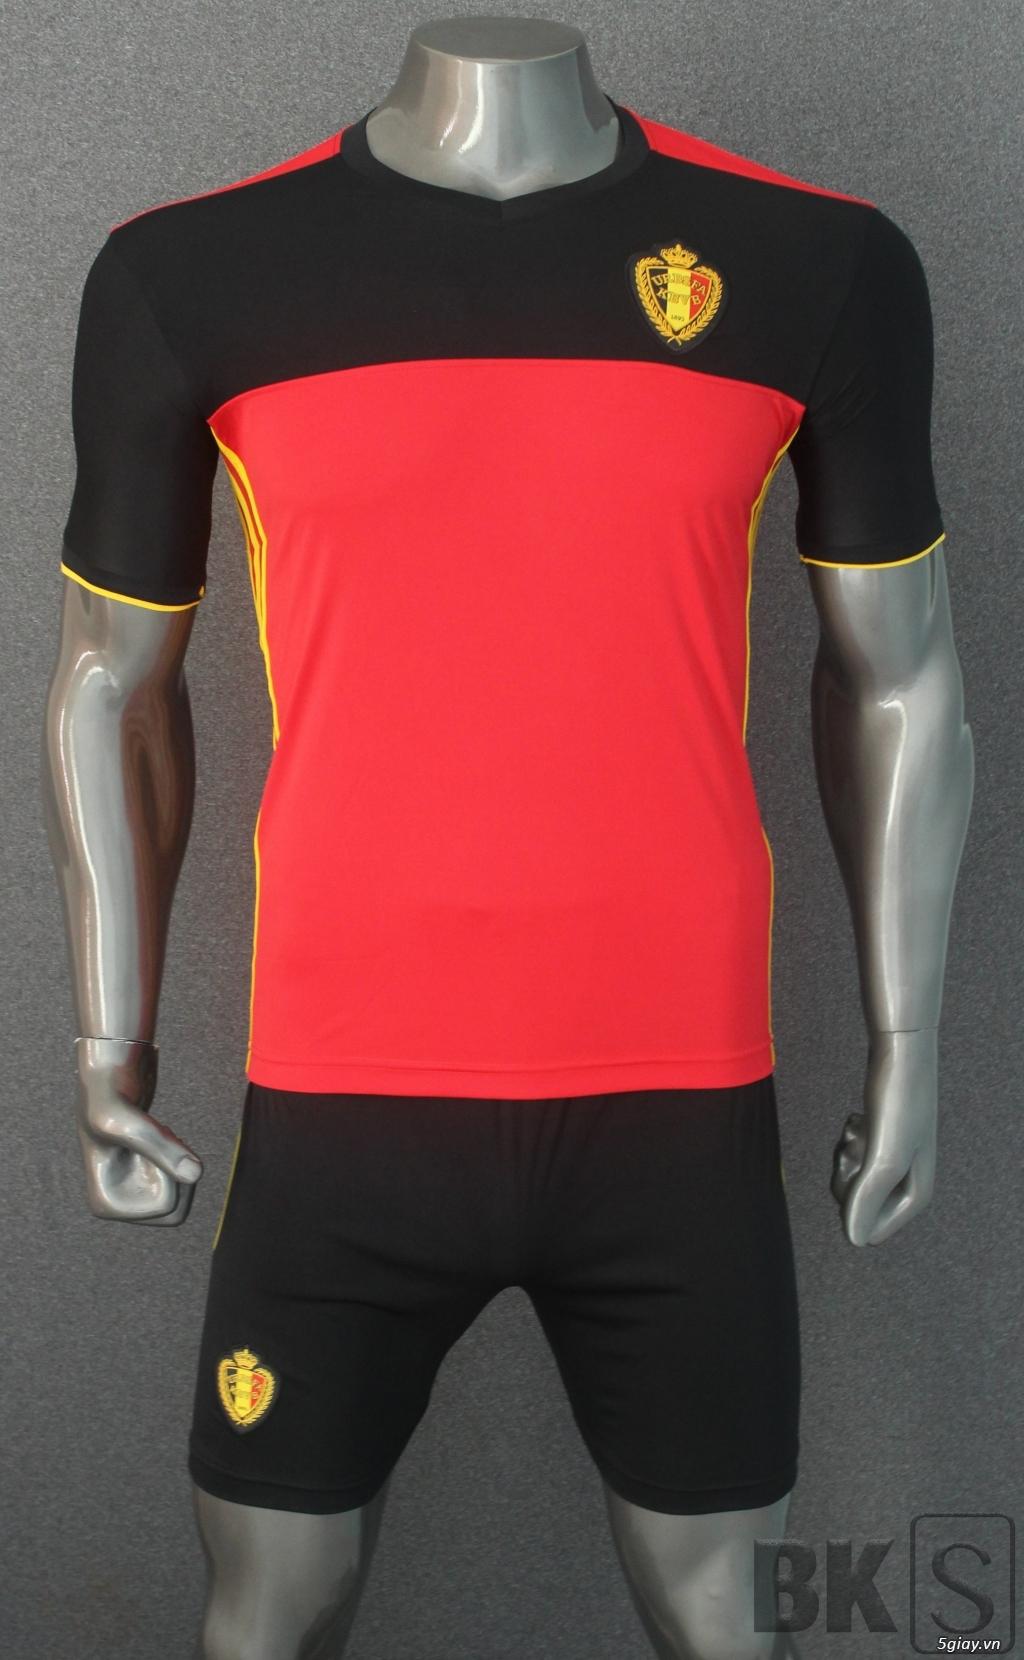 Áo bóng đá HP-địa chỉ gốc sản xuất trang phục thể thao số 1 Việt Nam - 38